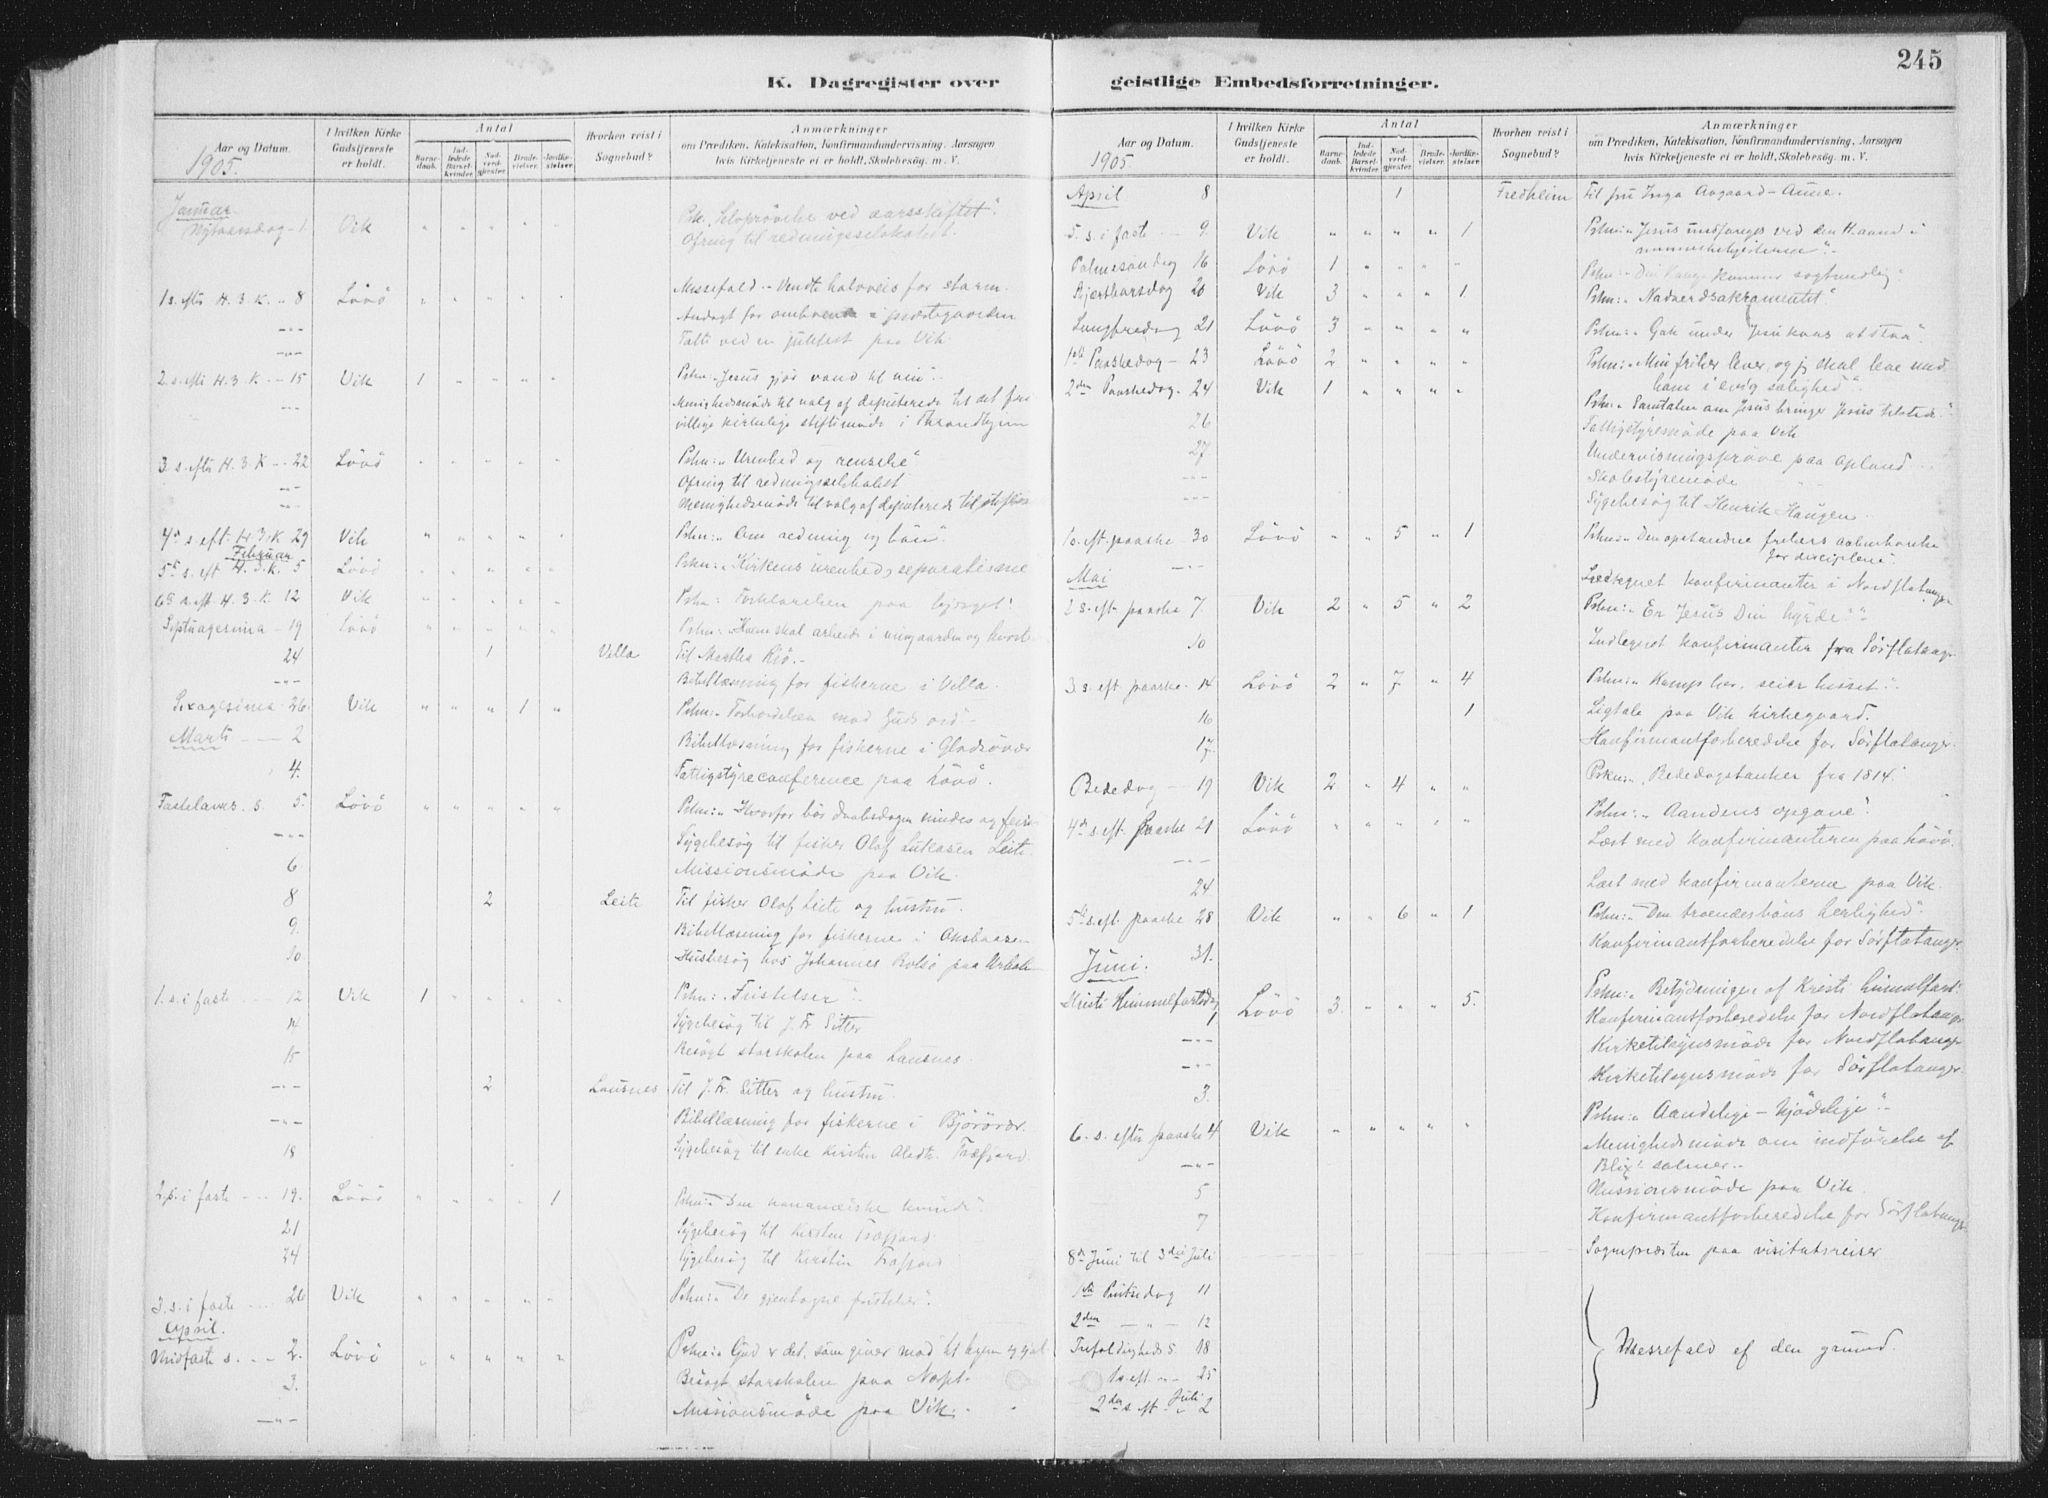 SAT, Ministerialprotokoller, klokkerbøker og fødselsregistre - Nord-Trøndelag, 771/L0597: Ministerialbok nr. 771A04, 1885-1910, s. 245